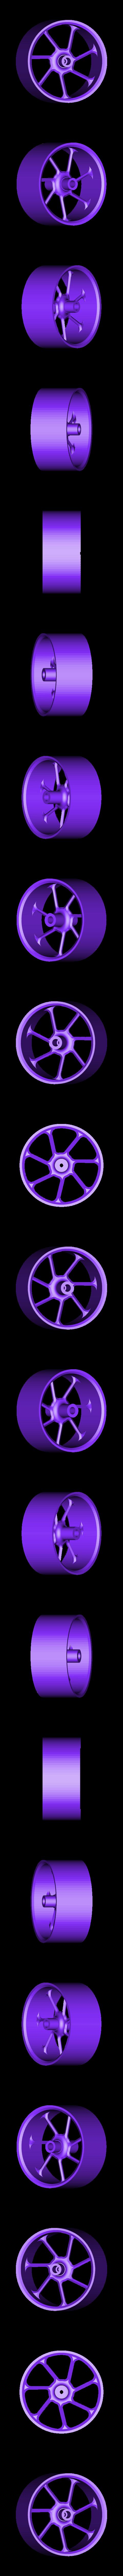 rear_rim.stl Télécharger fichier STL gratuit 2016 Suzuki GSX-RR MotoGP RC Moto • Modèle pour imprimante 3D, brett